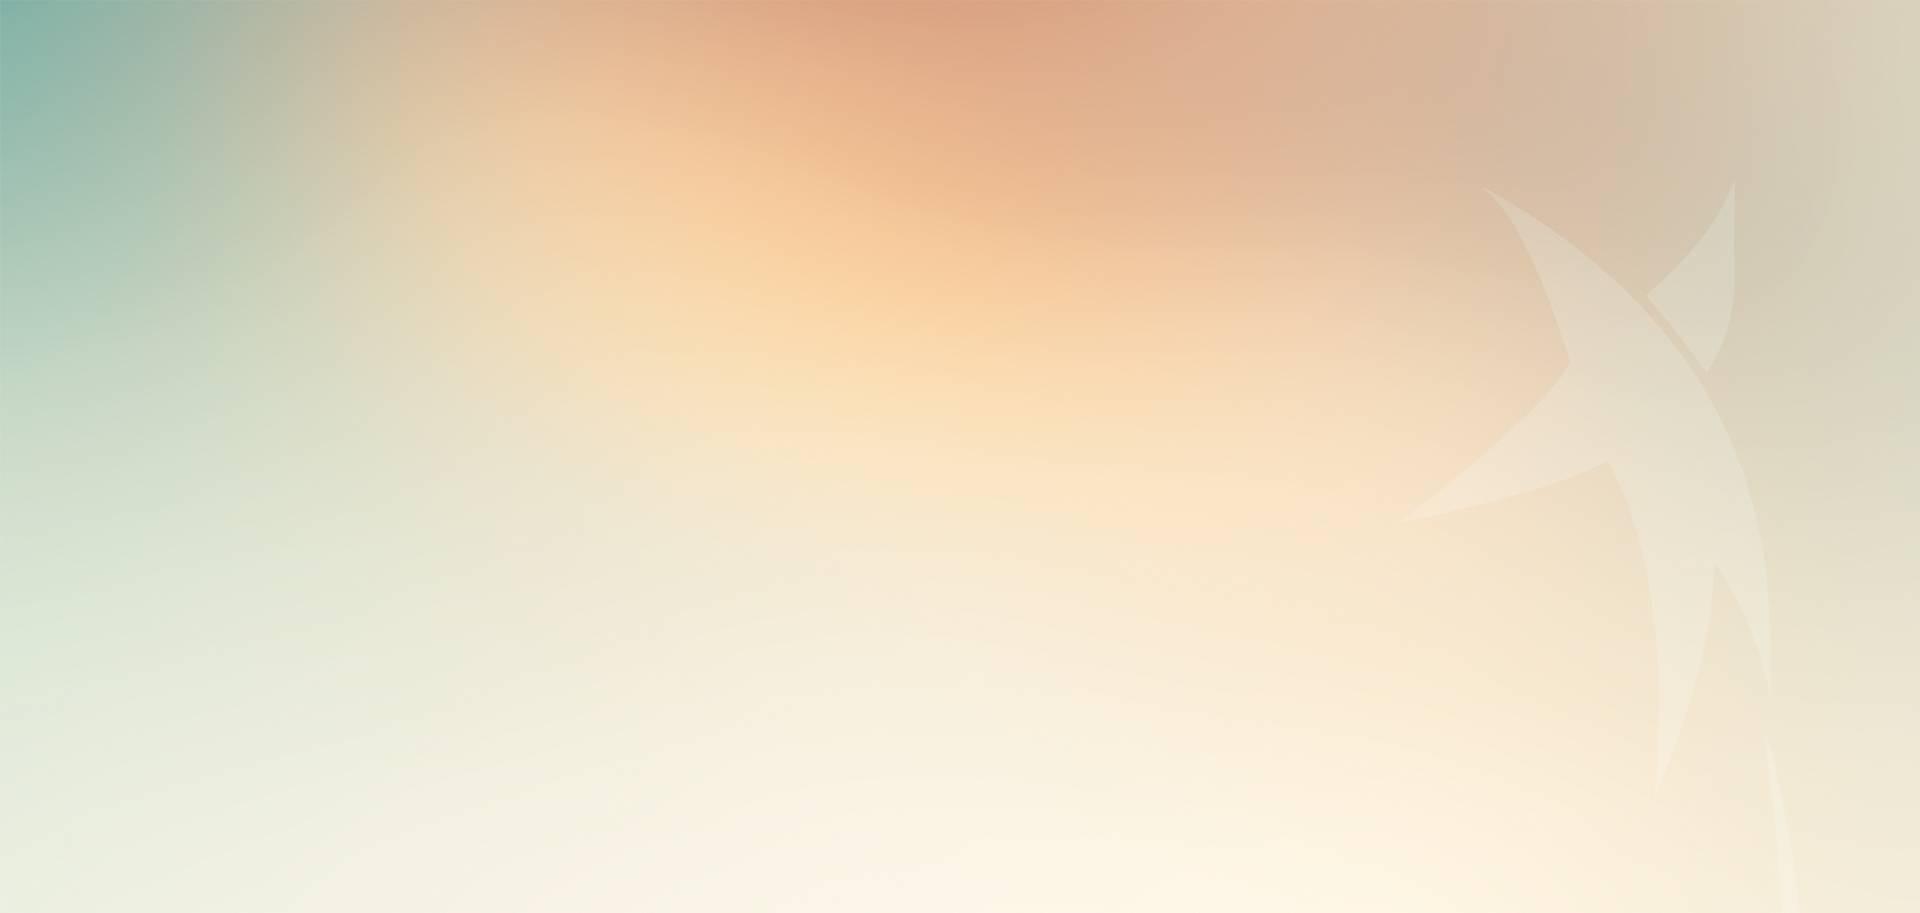 Fundo gradiente com uma estrela translúcida